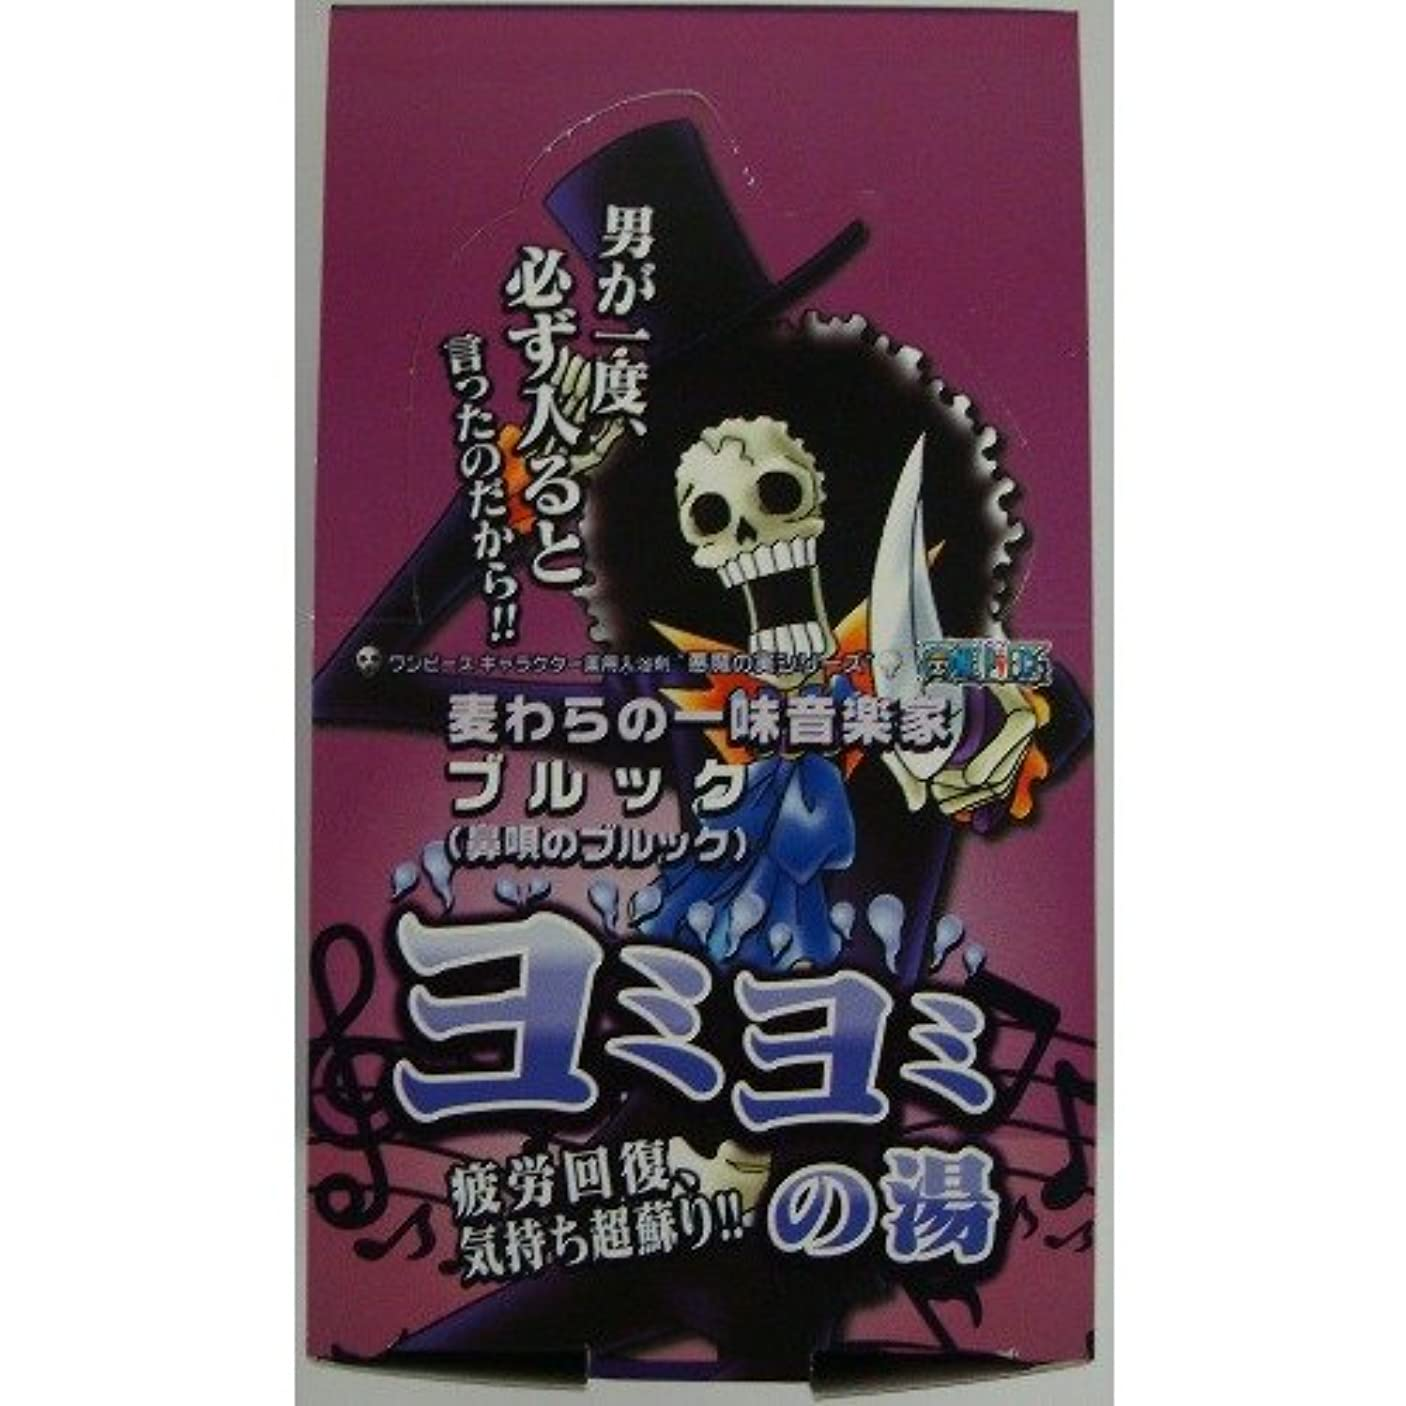 パーティションパッケージ幹悪魔の実シリーズ ヨミヨミの湯 ブルック 25g